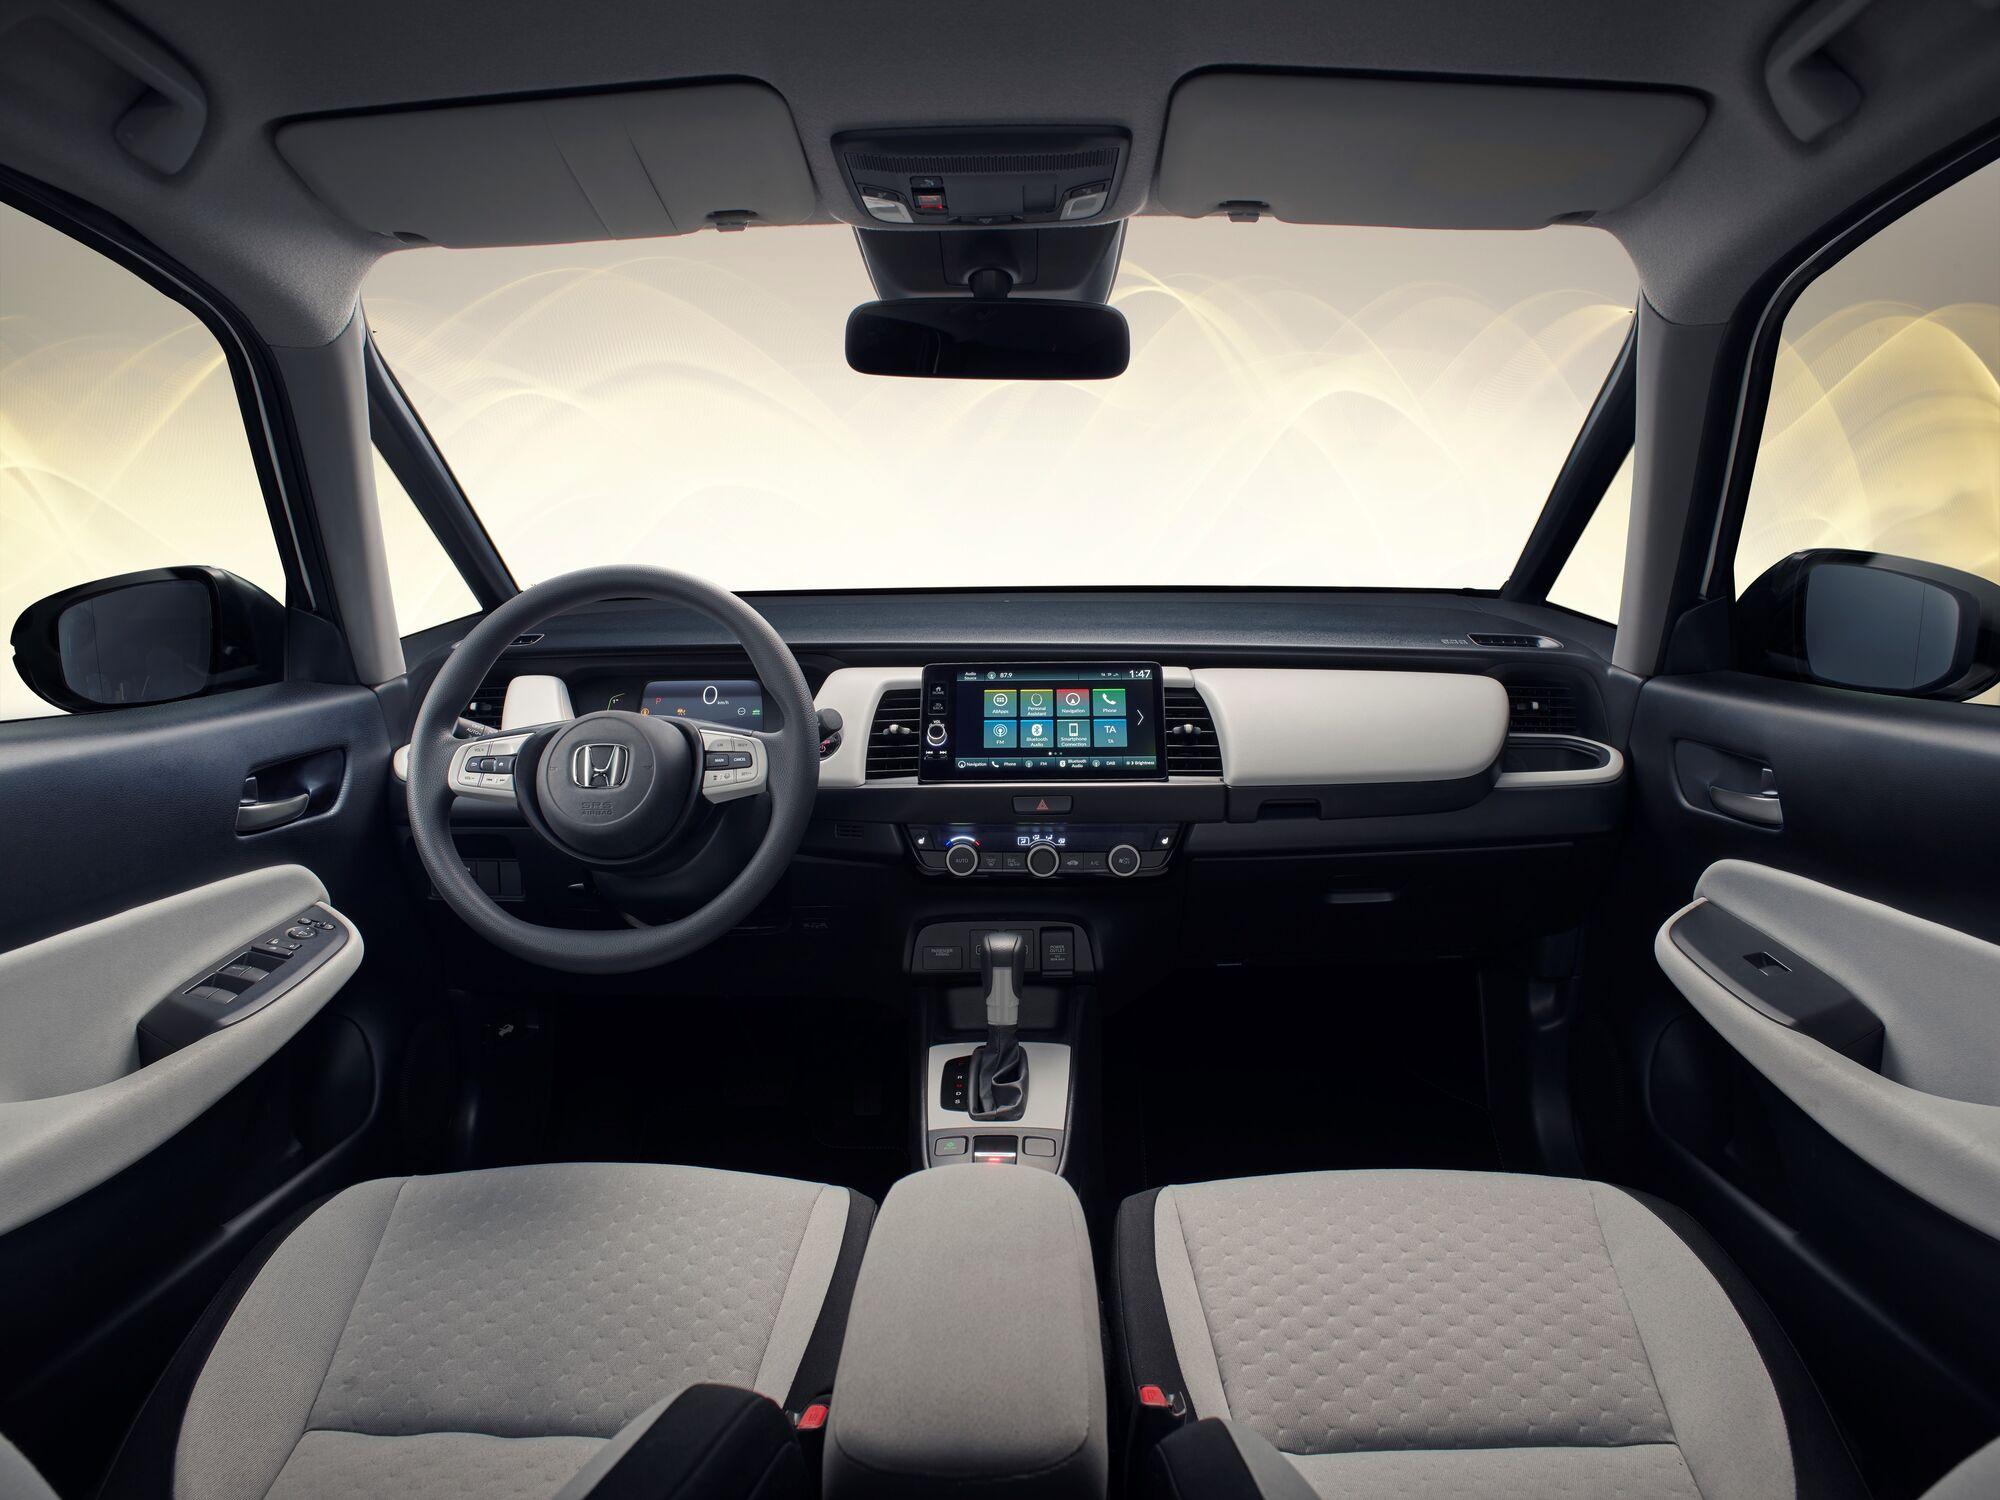 Honda Jazz получила 7-дюймовую цифровую шкалу приборов и 9-дюймовый сенсорный экран мультимедийной системы